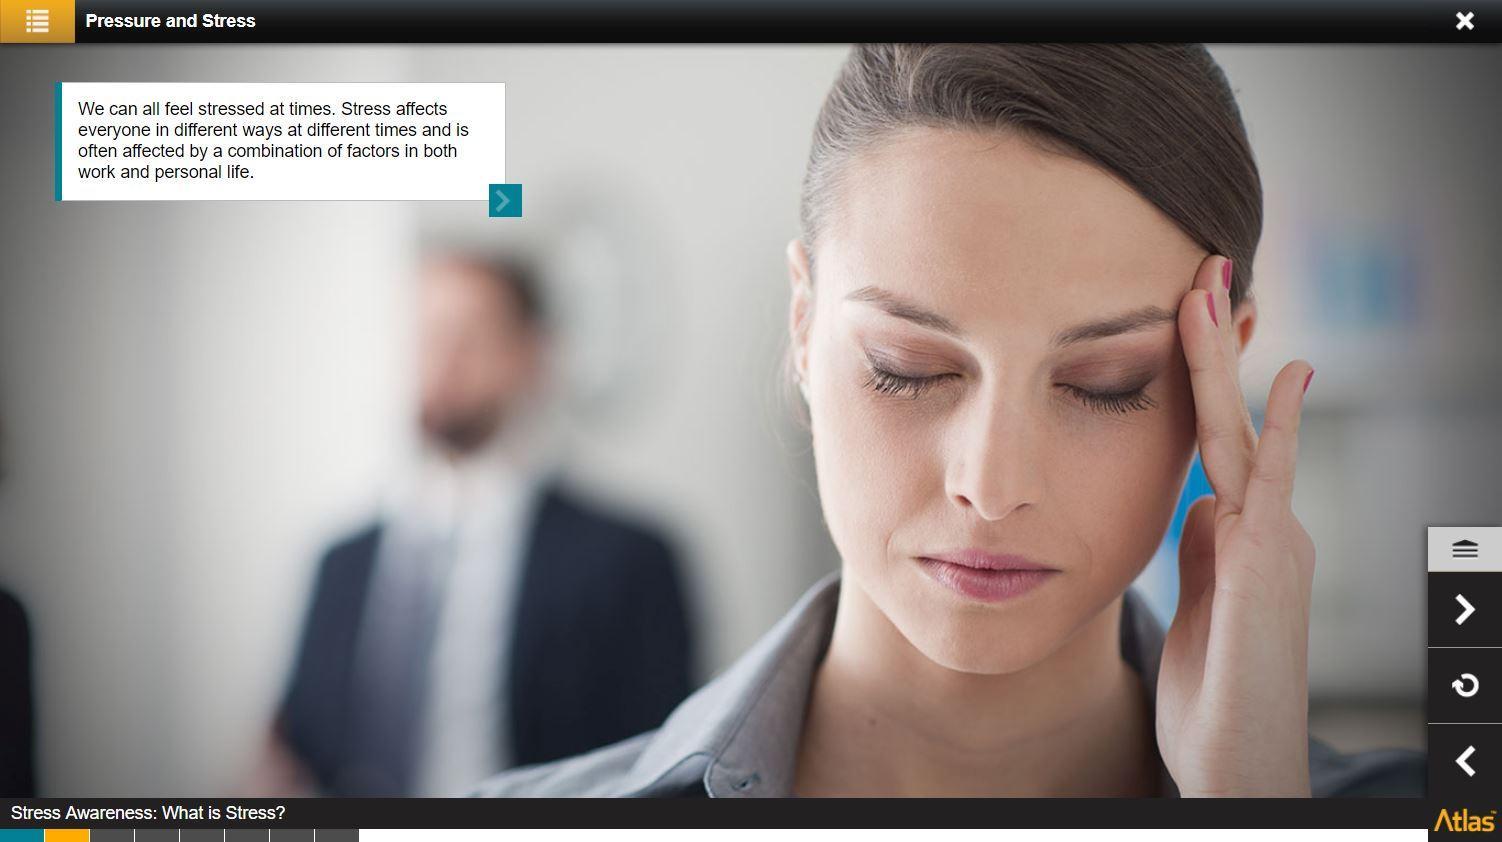 Stress Awareness Training 4